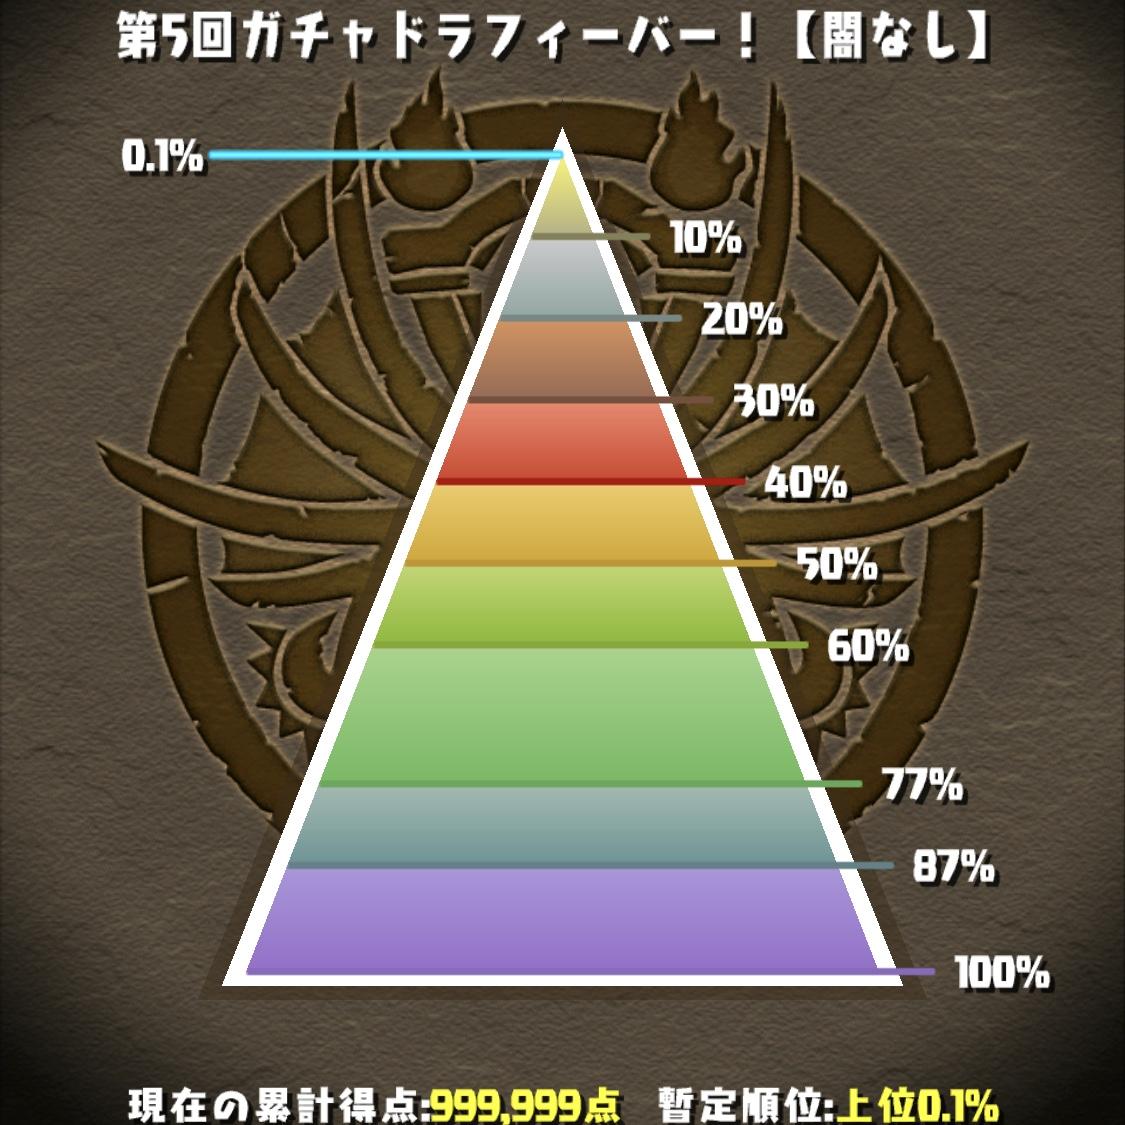 【パズドラ】第5回ガチャドラフィーバー!【闇なし】の結果